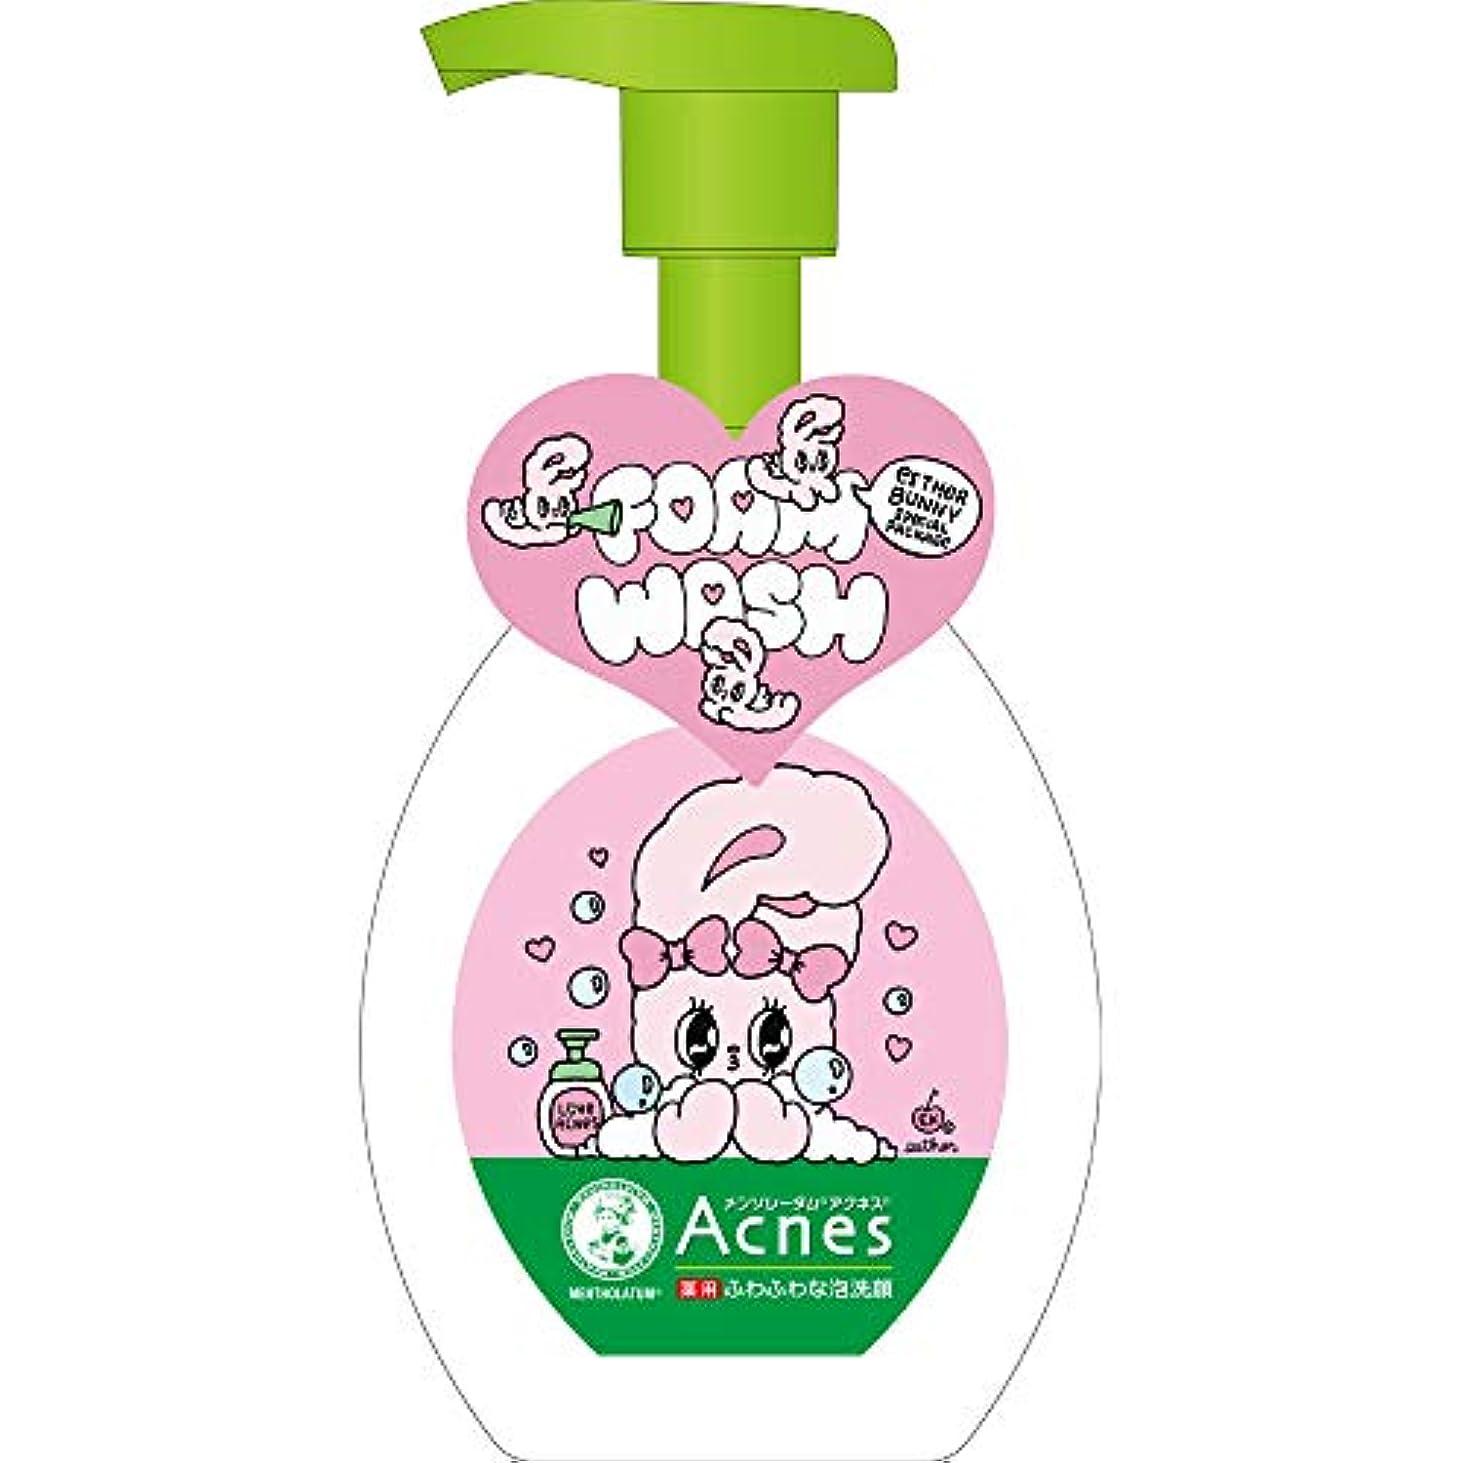 アサー農業の遊び場アクネス(Acnes) メンソレータム アクネス 薬用ふわふわな泡洗顔 エスターバニー 160mL